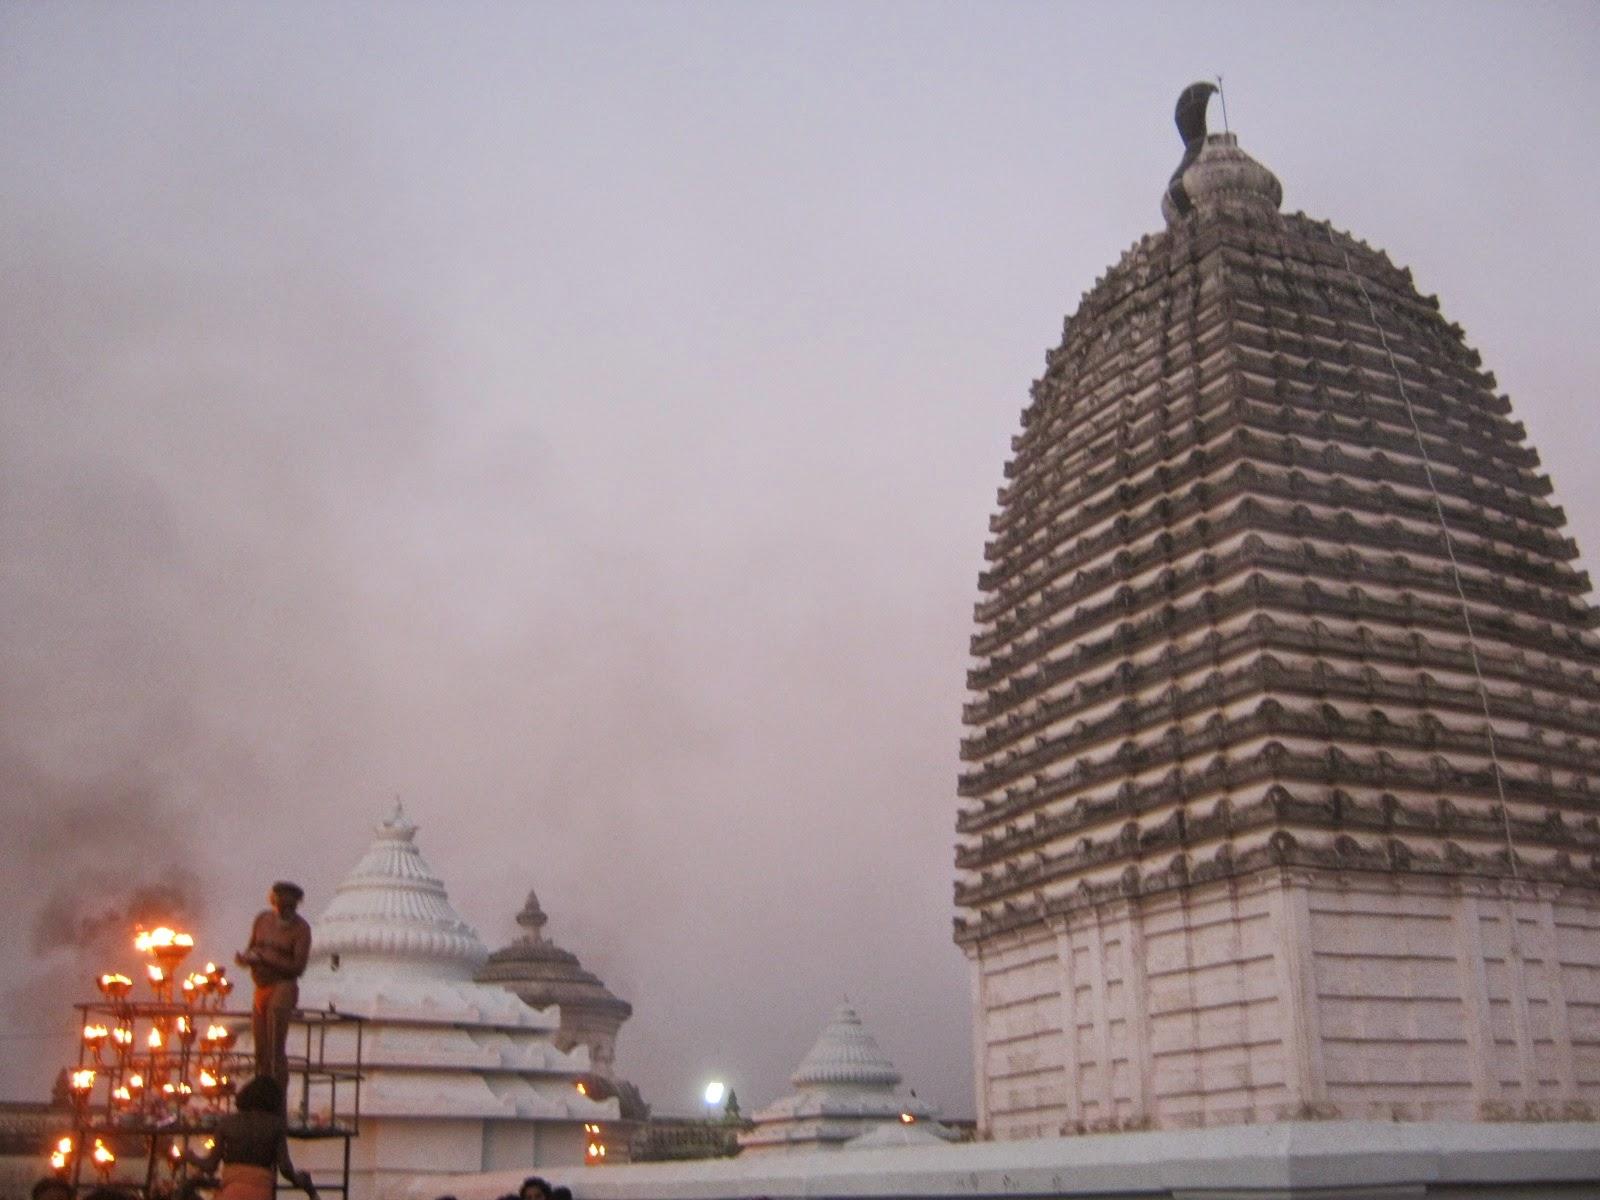 vipassana-meditation-centre-dhamma-mahimar-13